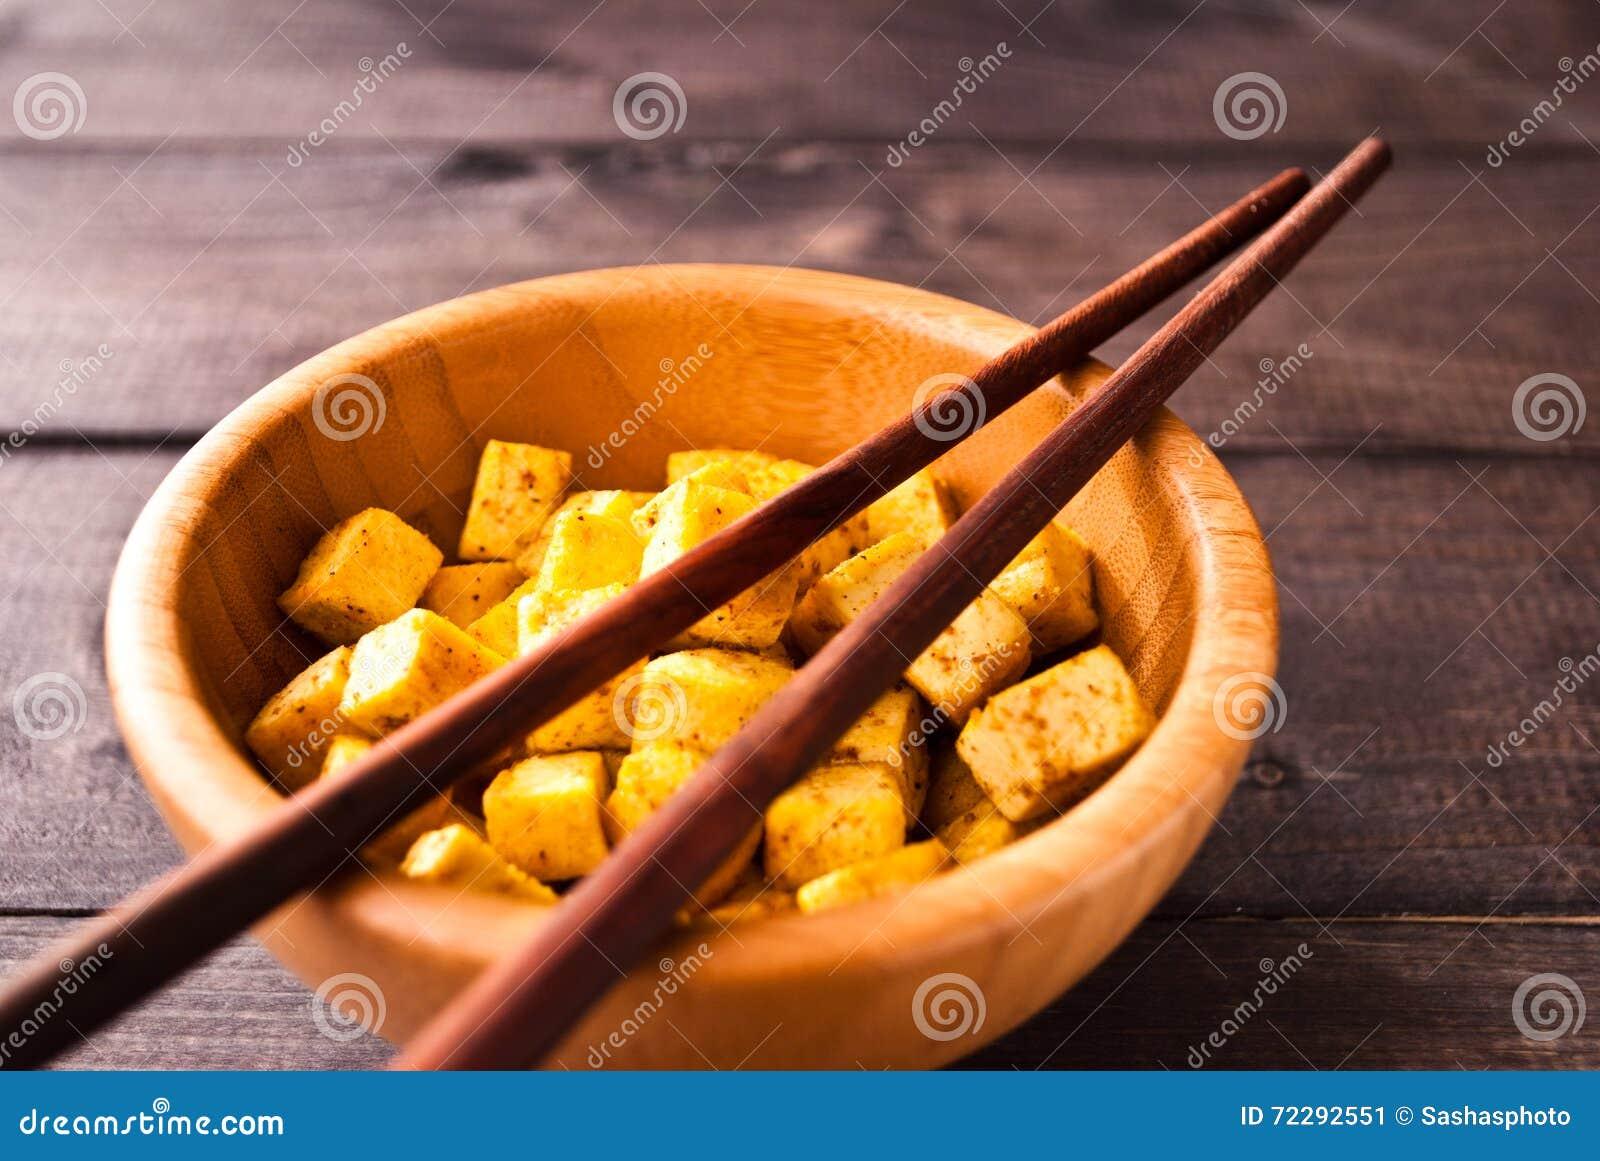 Download Кубы зажаренного тофу стоковое изображение. изображение насчитывающей вкусно - 72292551